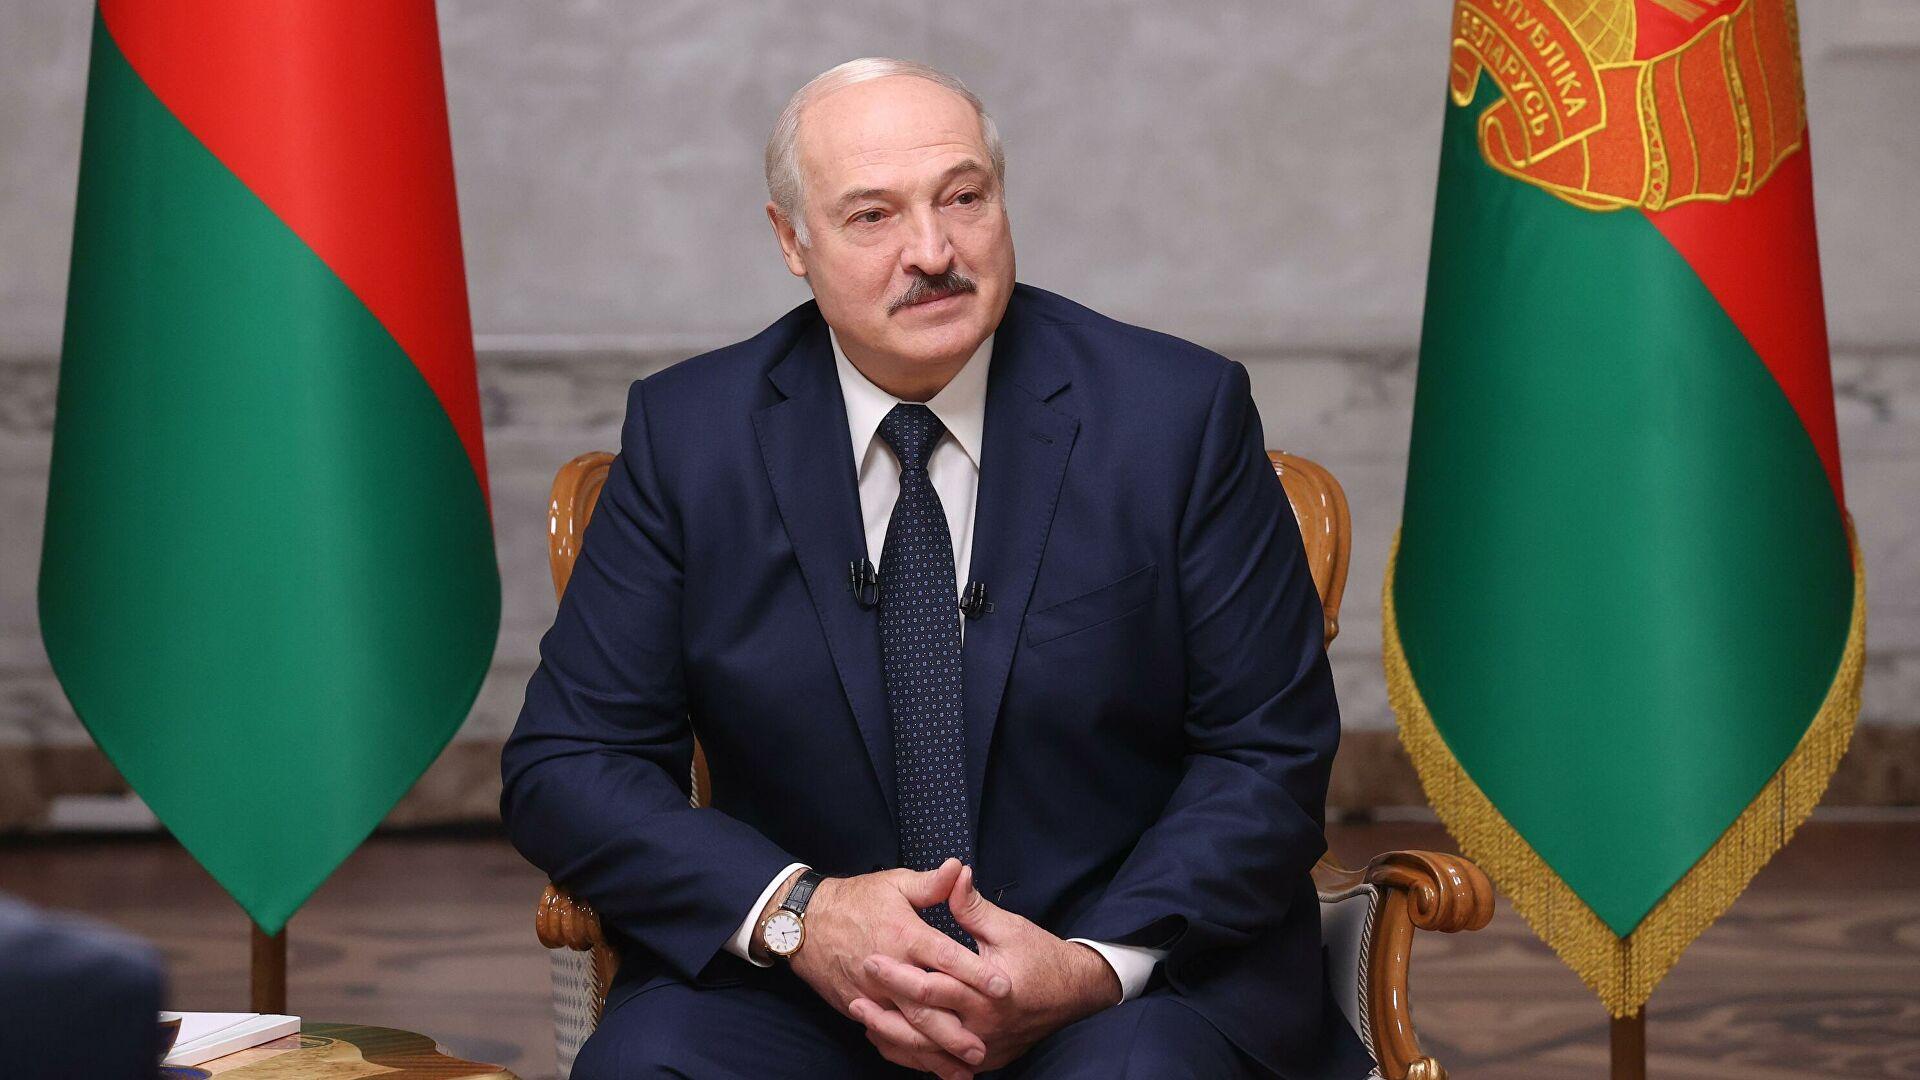 Лукашенко: Када би Белорусија ушла у НАТО претворили би је у арену борбених дејстава